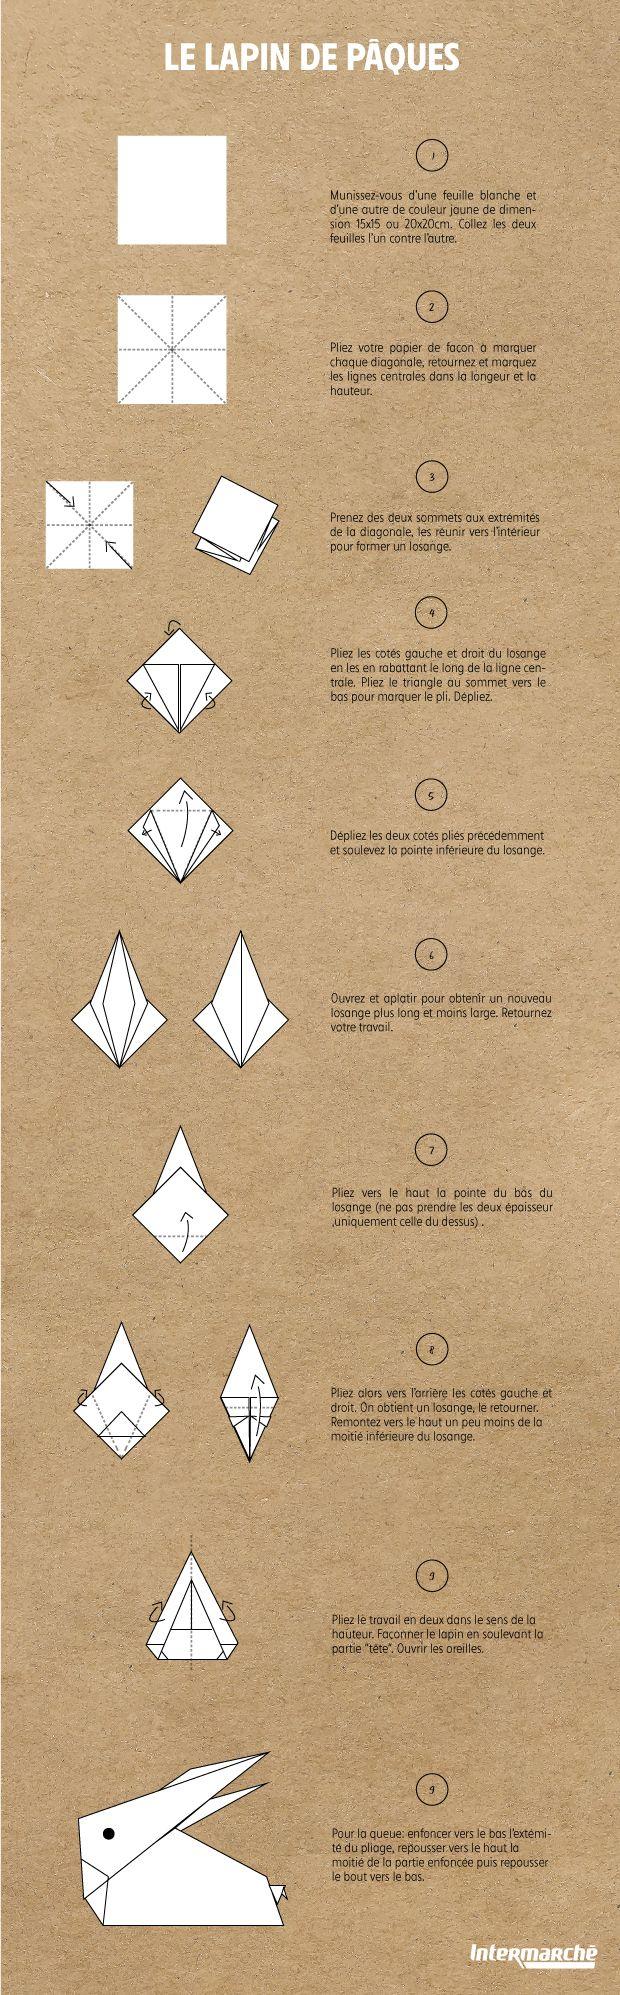 Tuto Origami pour un Lapin de Pâques